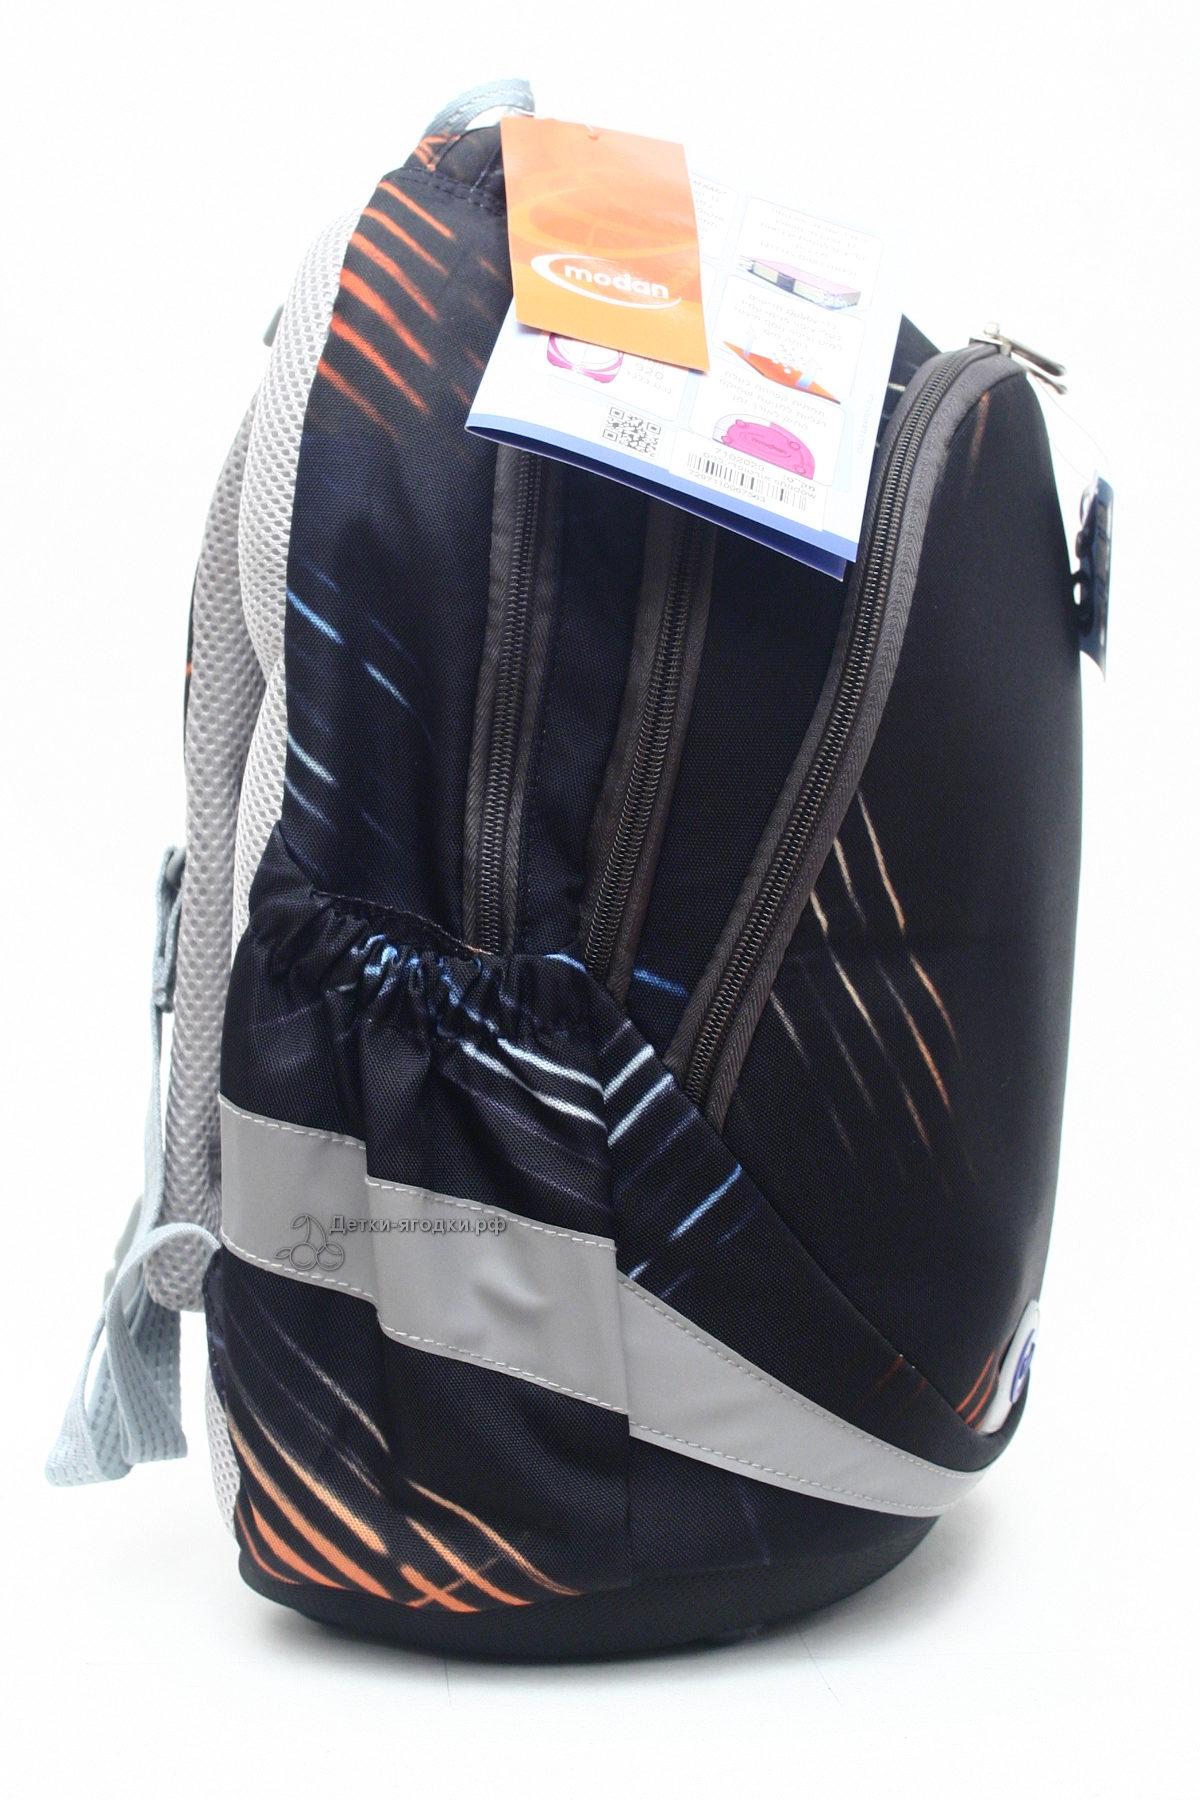 Школьный рюкзак - ранец Modan Generic II, - фото 3